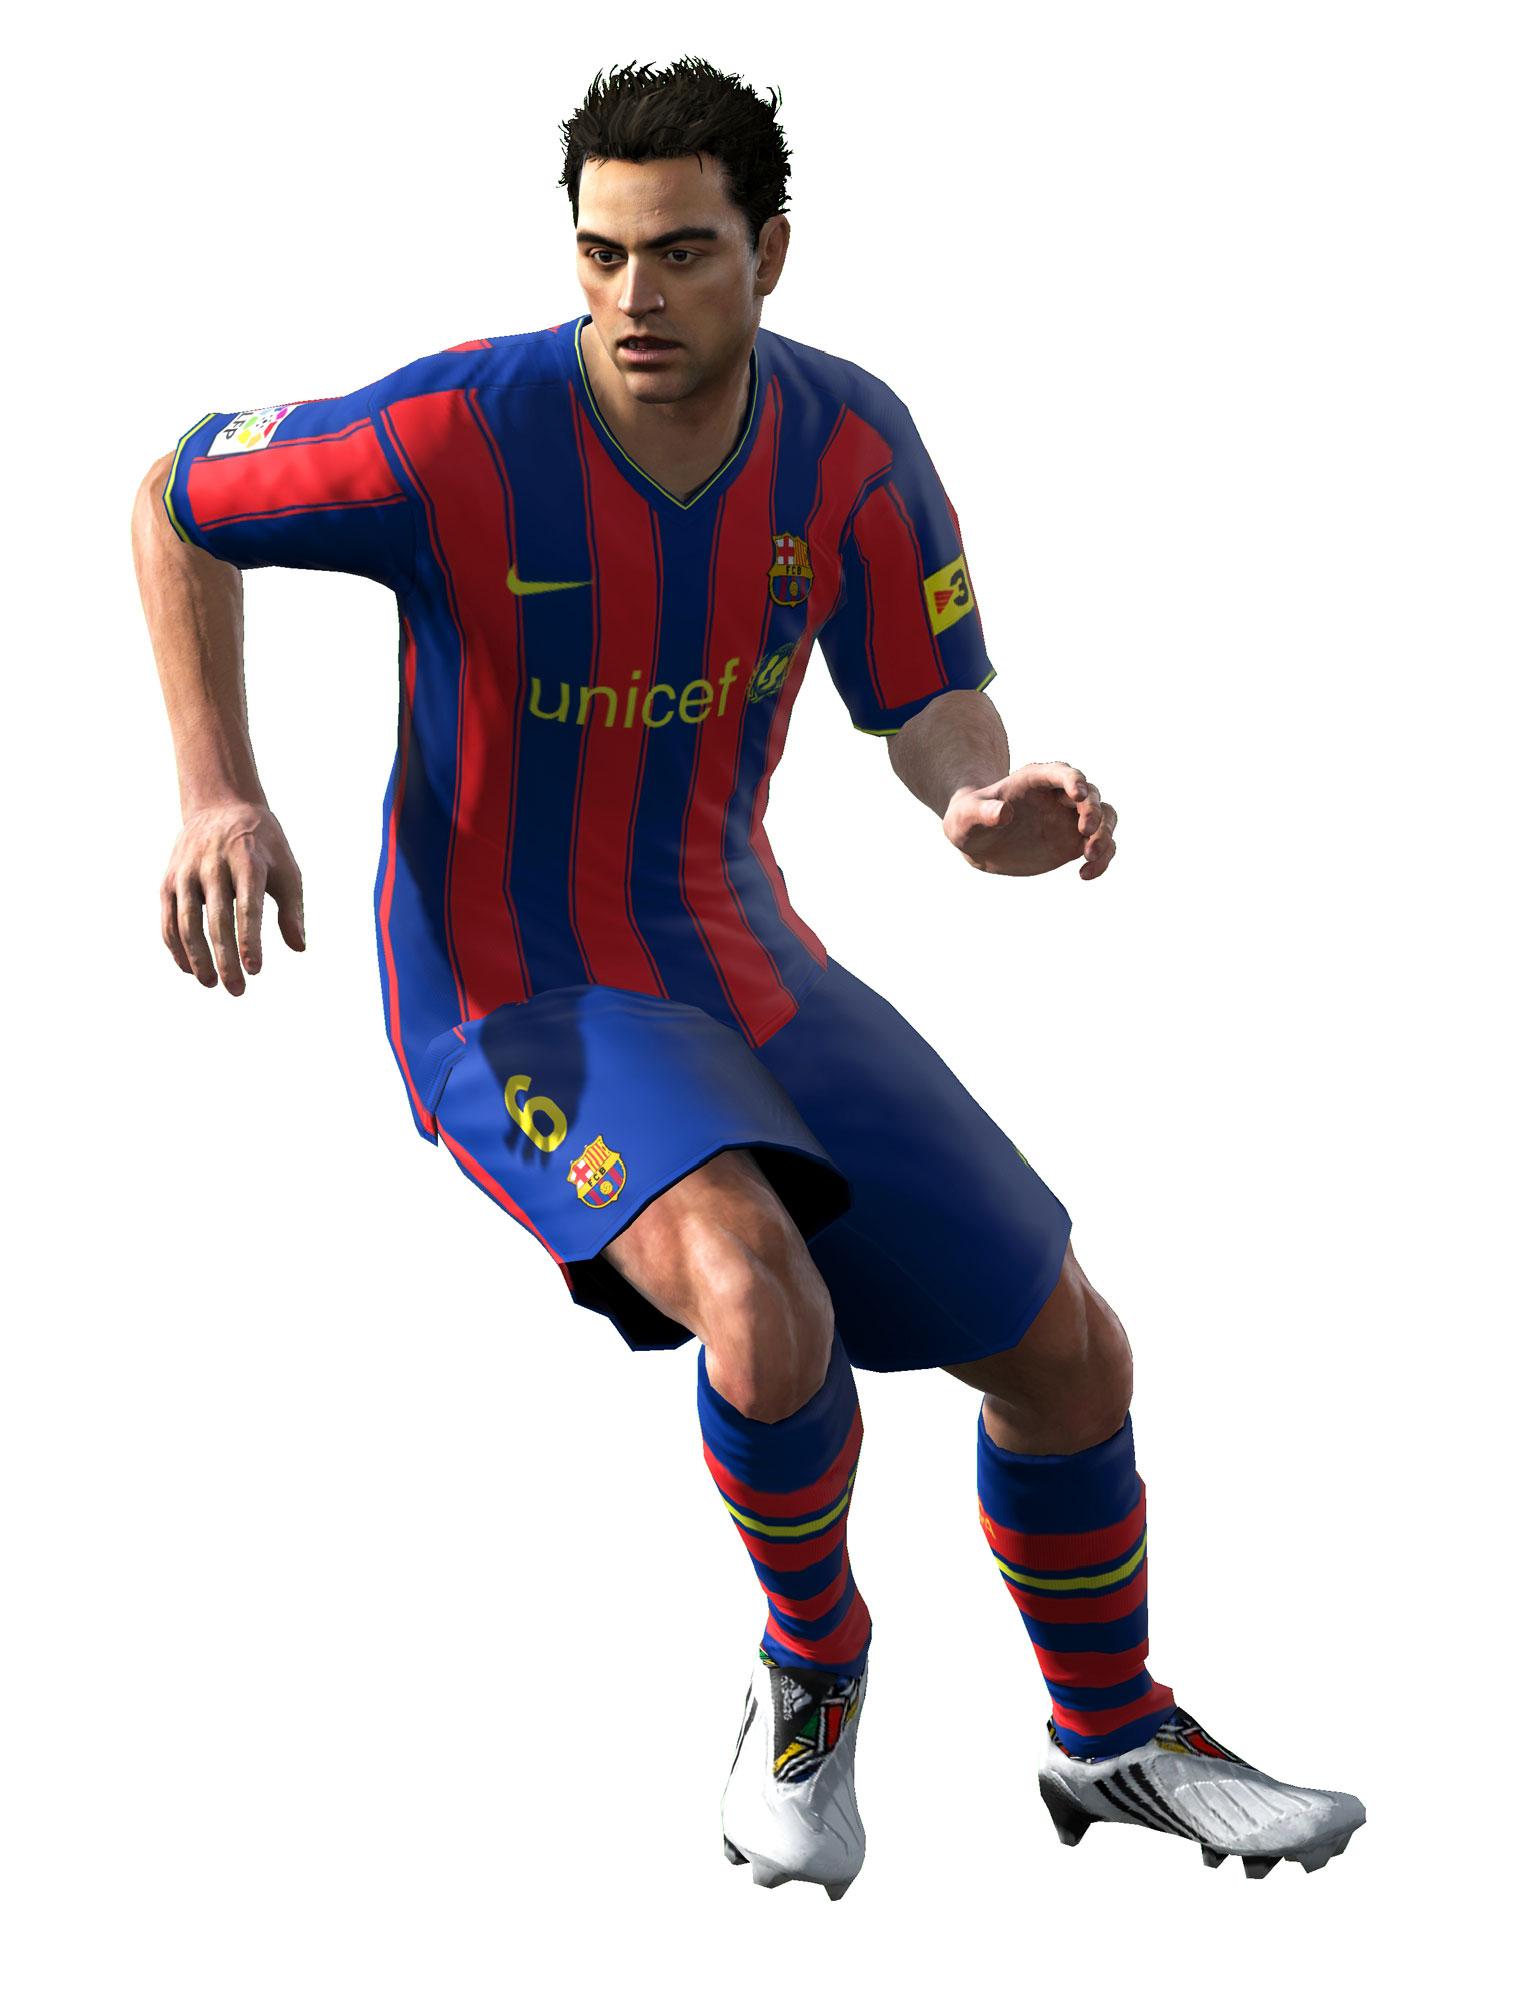 Los 20 Mejores Jugadores Del Mundo 2011 Has Tu Voto Haora